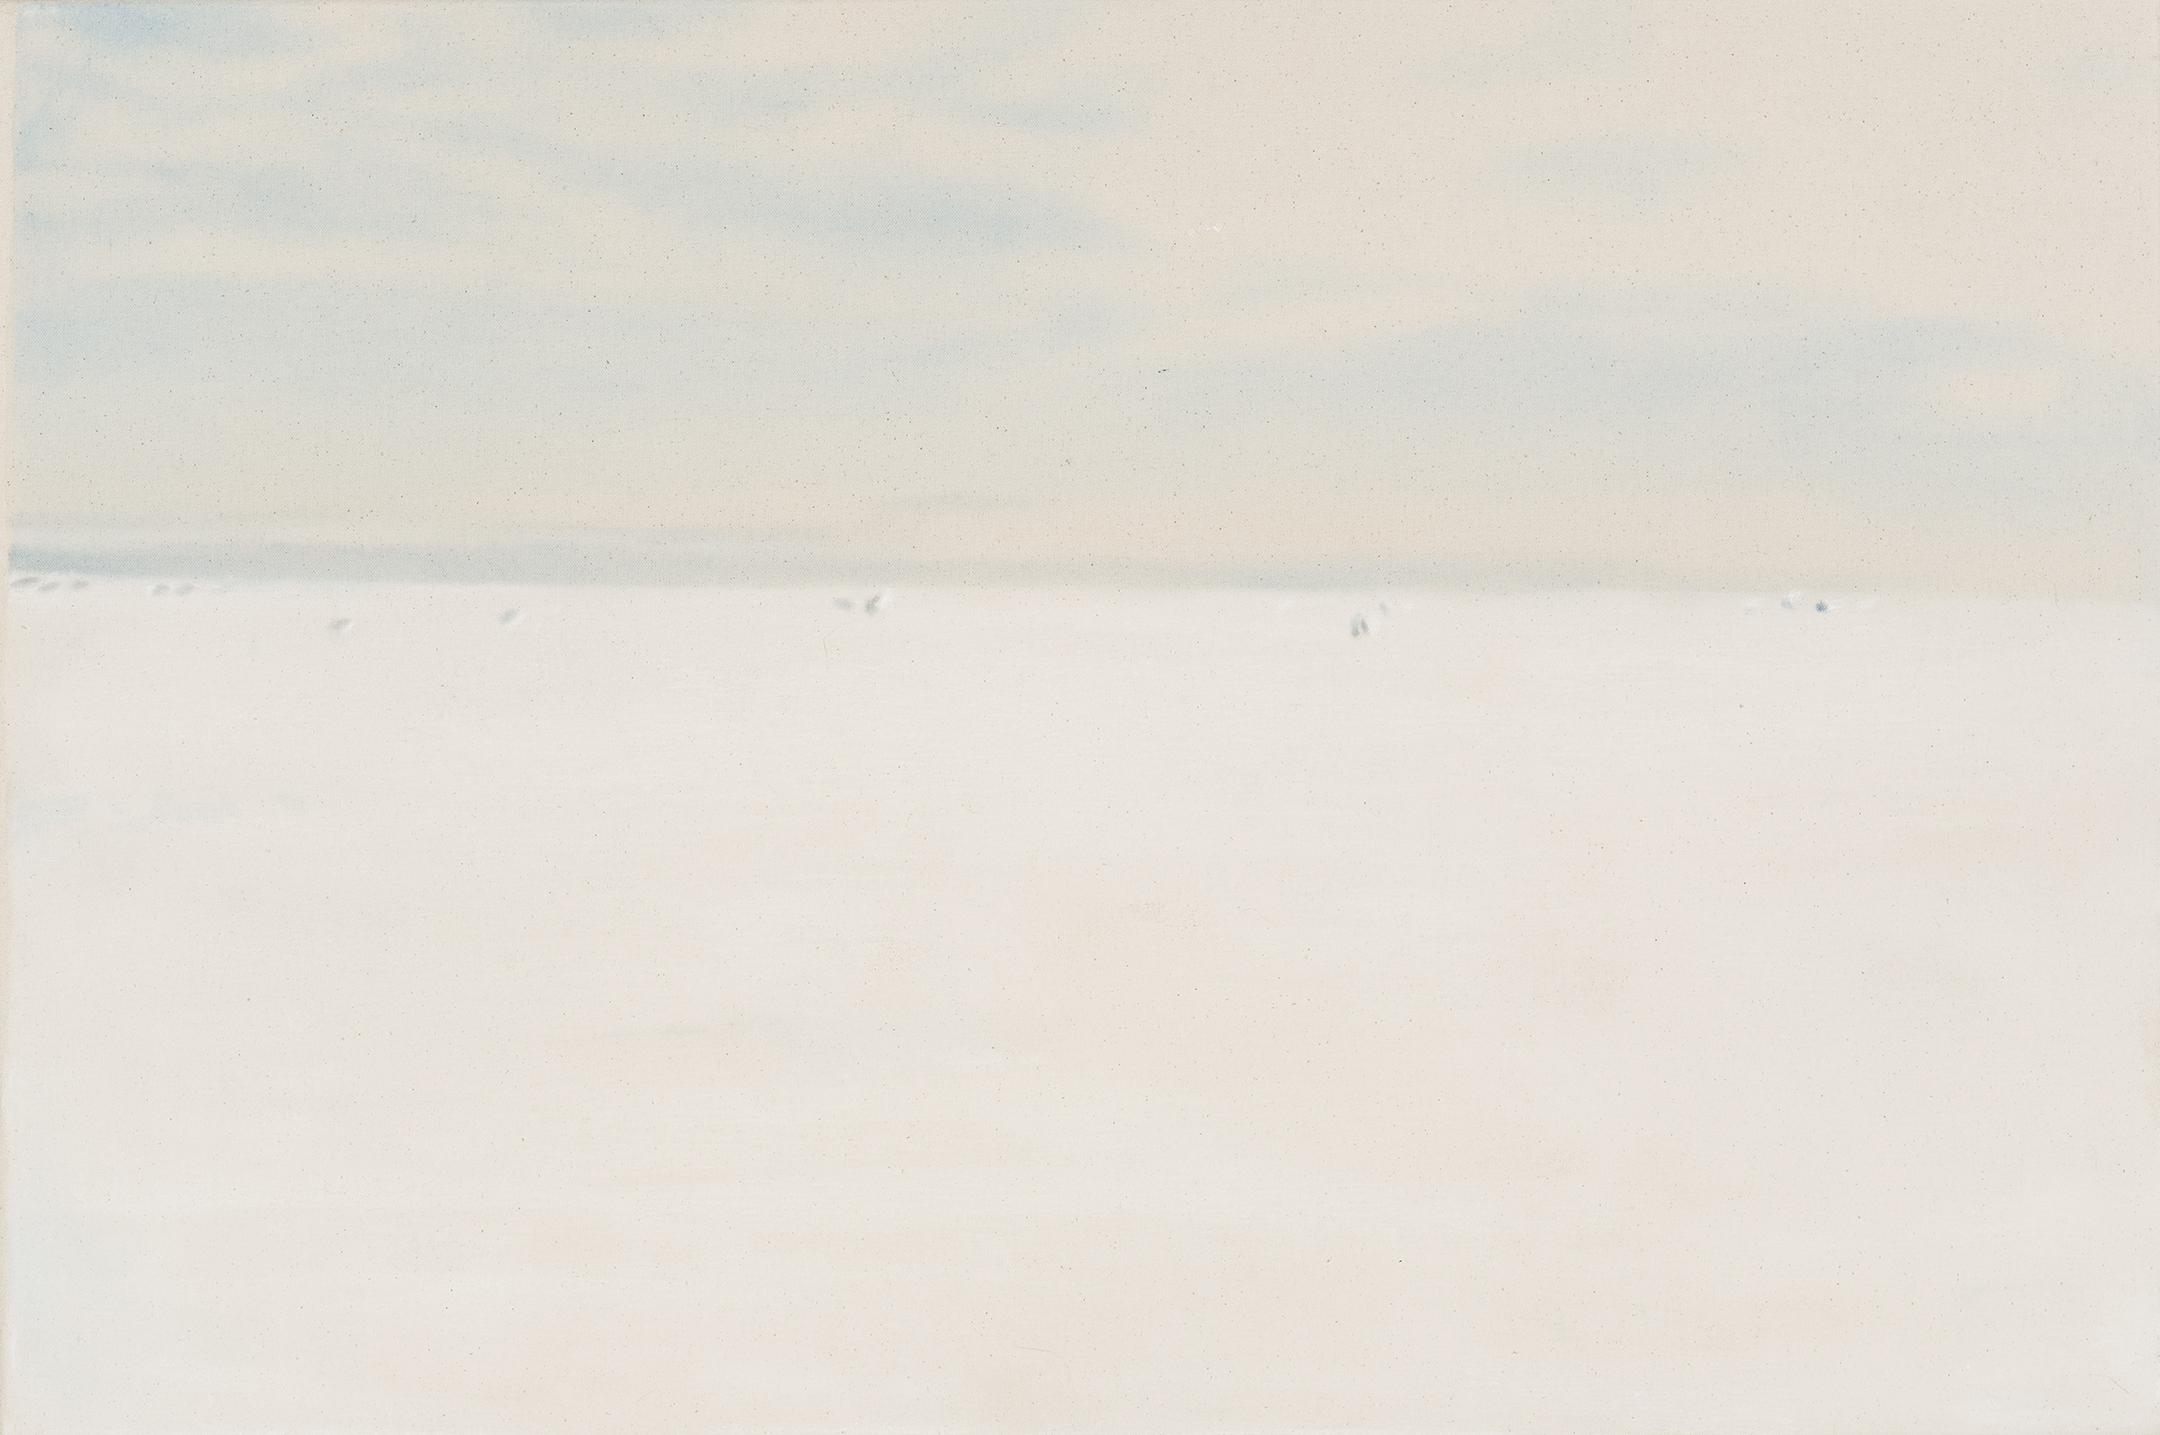 Paysage nordique 18 , 2016. Huile et fusain sur toile, 24 x 36 pouces